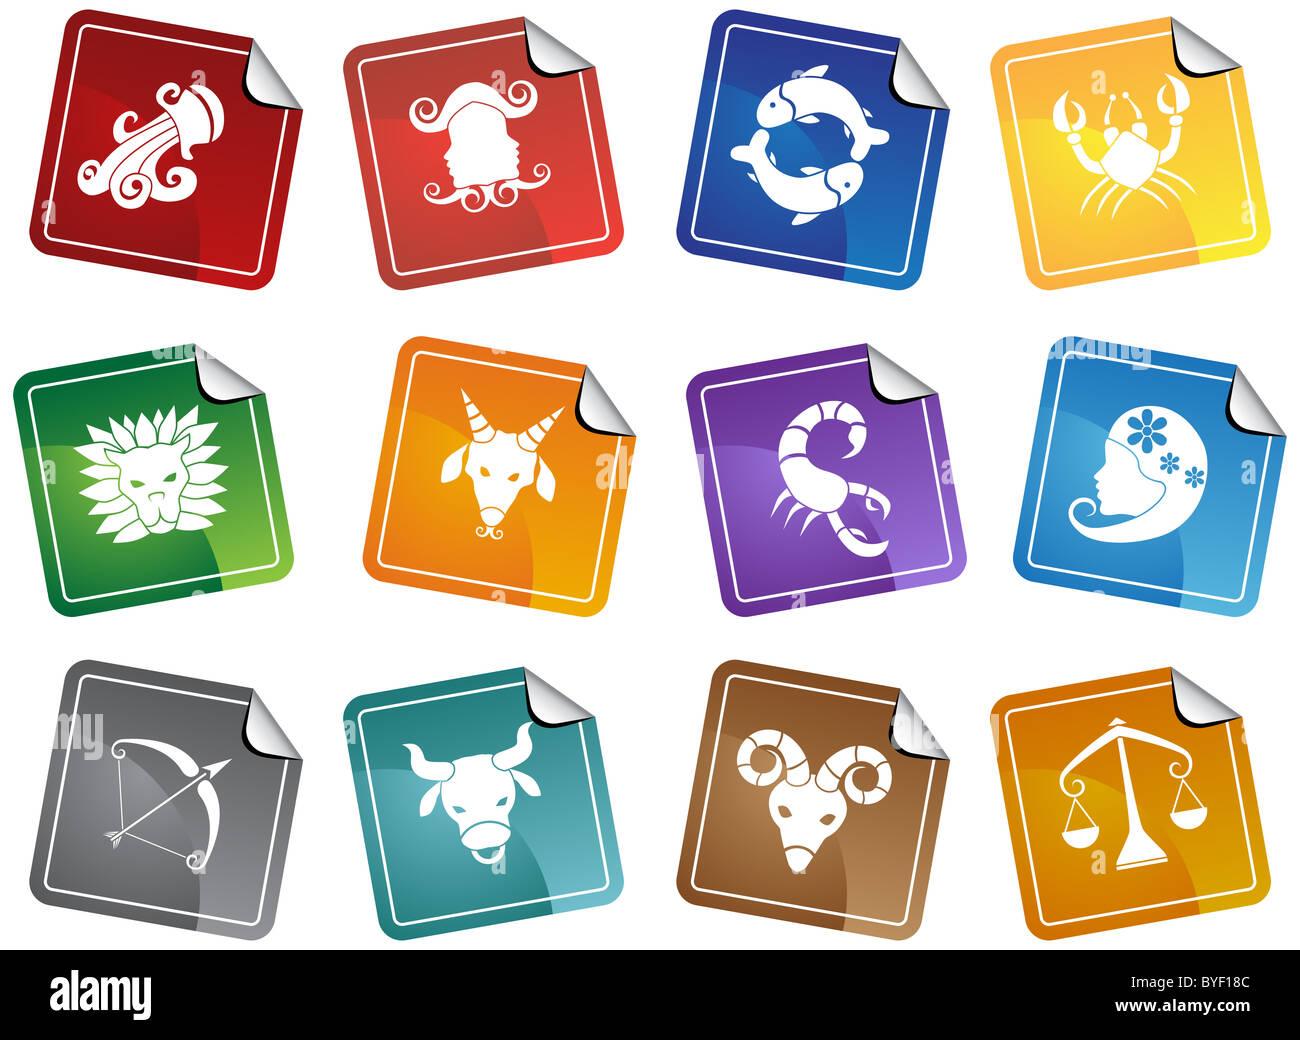 Une image des 12 symboles du zodiaque. Photo Stock